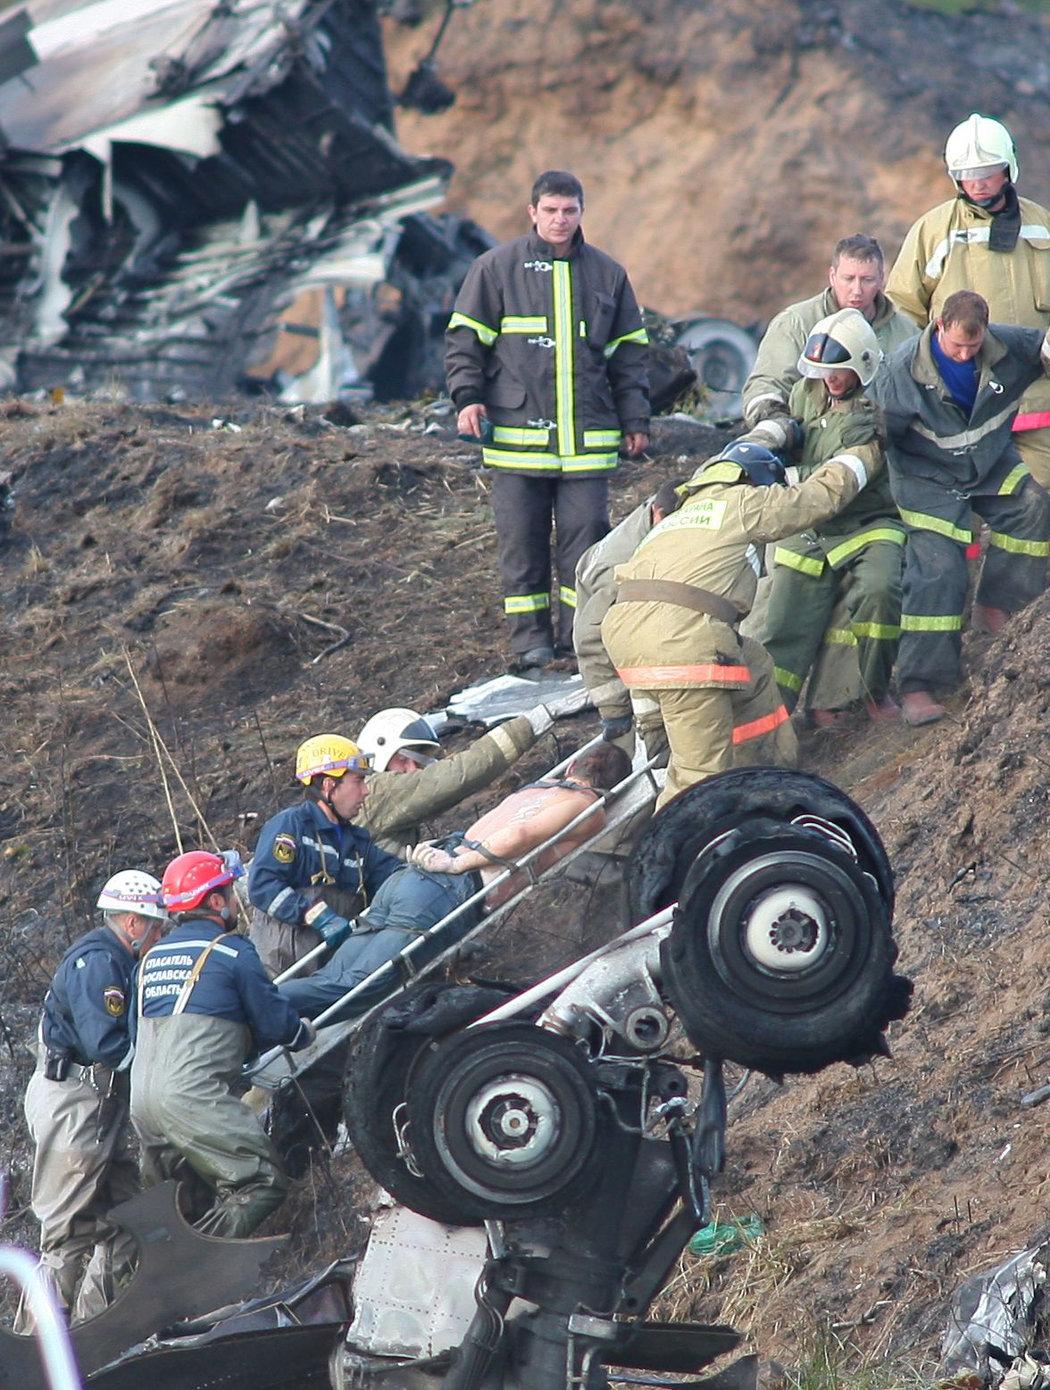 Záchranáři vynášejí na nosítkách jednu z obětí děsivé tragédie